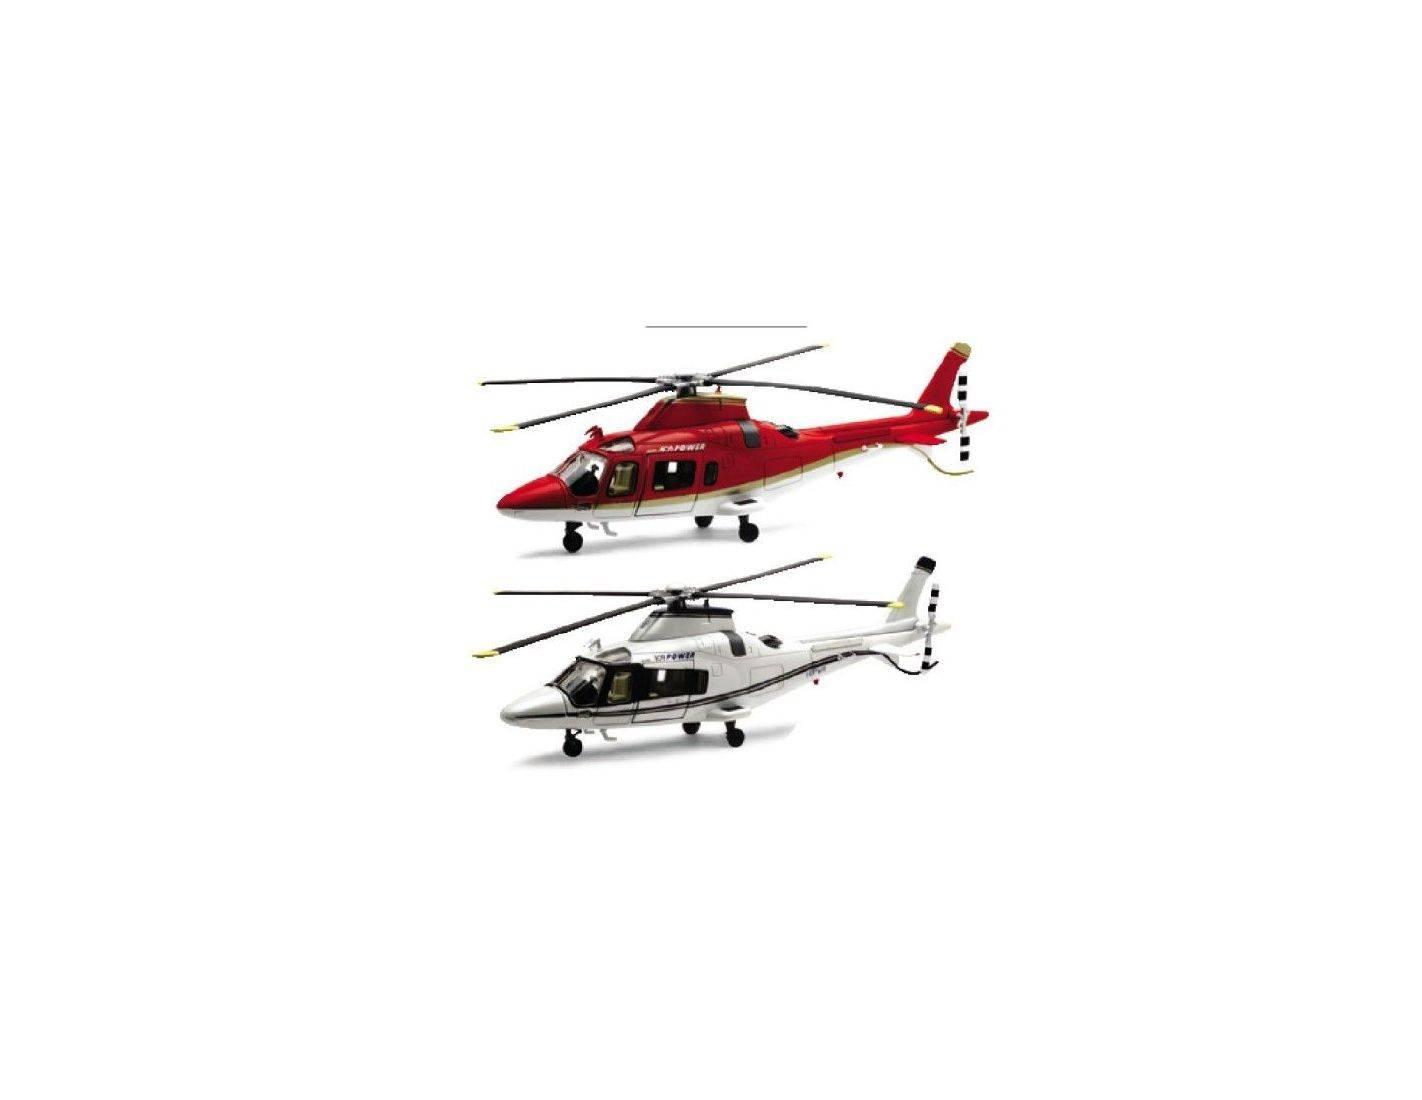 Elicottero Agusta : New ray ny elicottero agusta a elicotteri